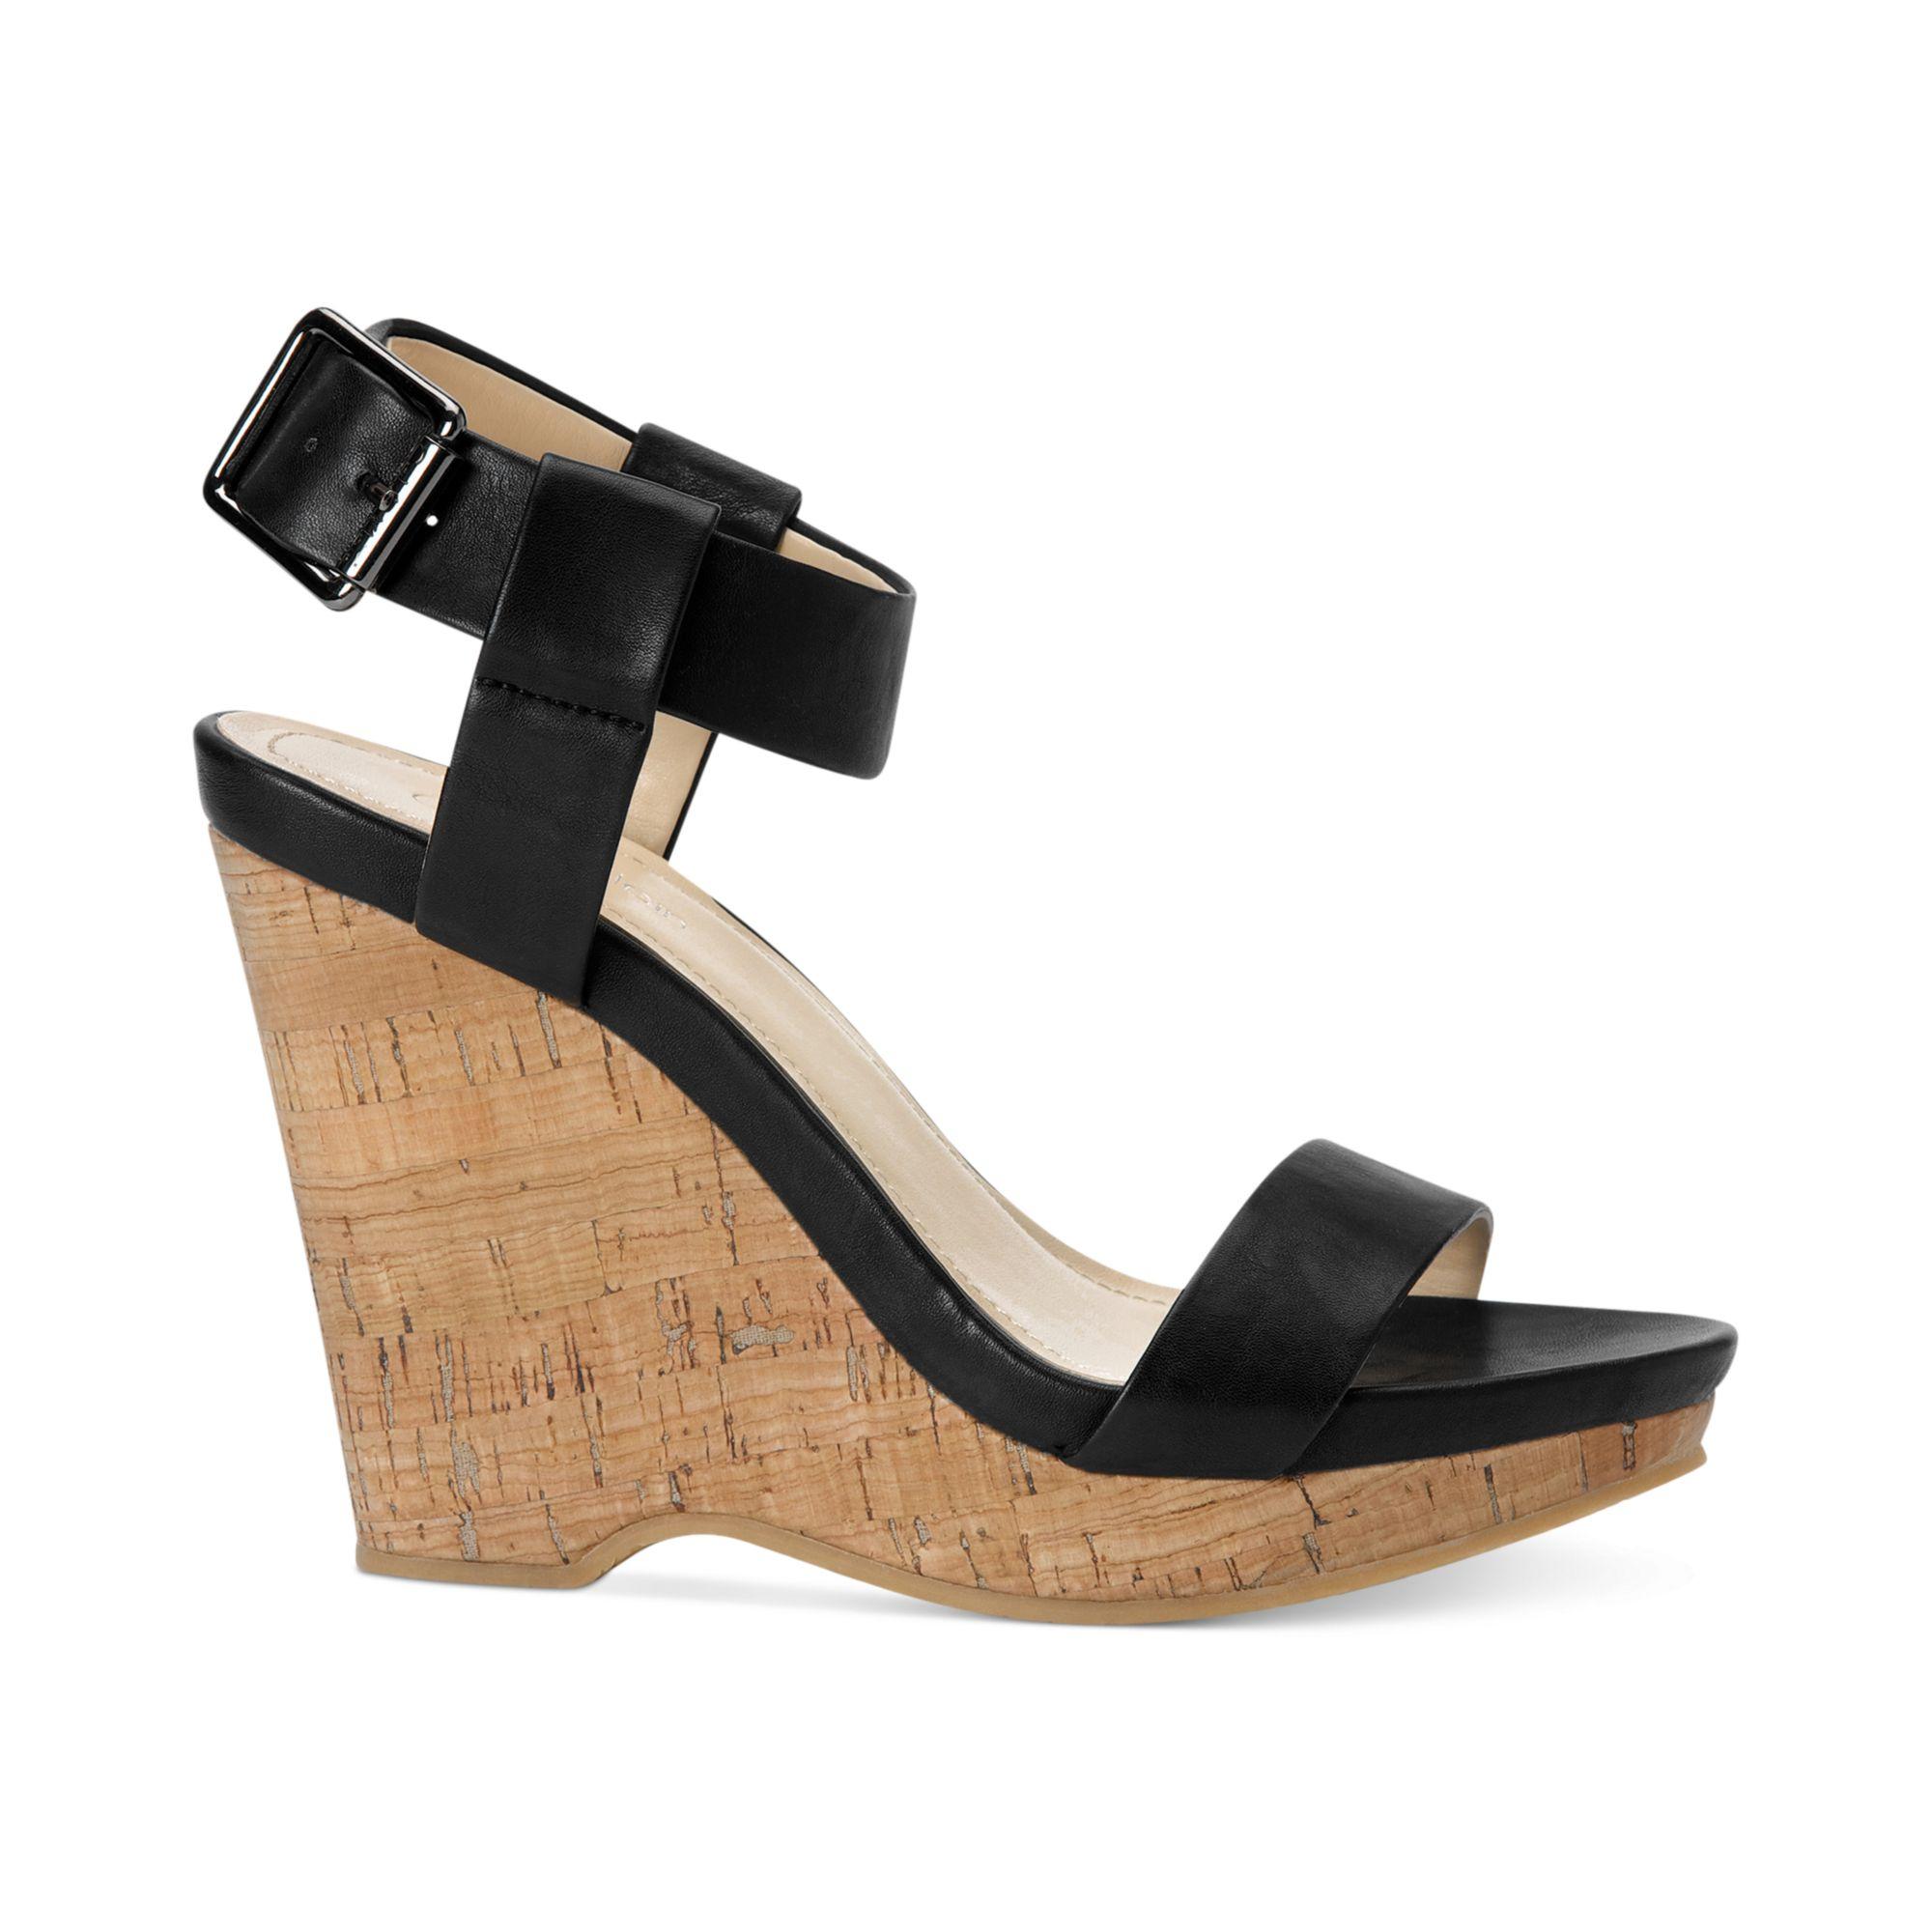 dac65978be0 Lyst - Calvin Klein Womens Nikole Platform Wedge Sandals in Black